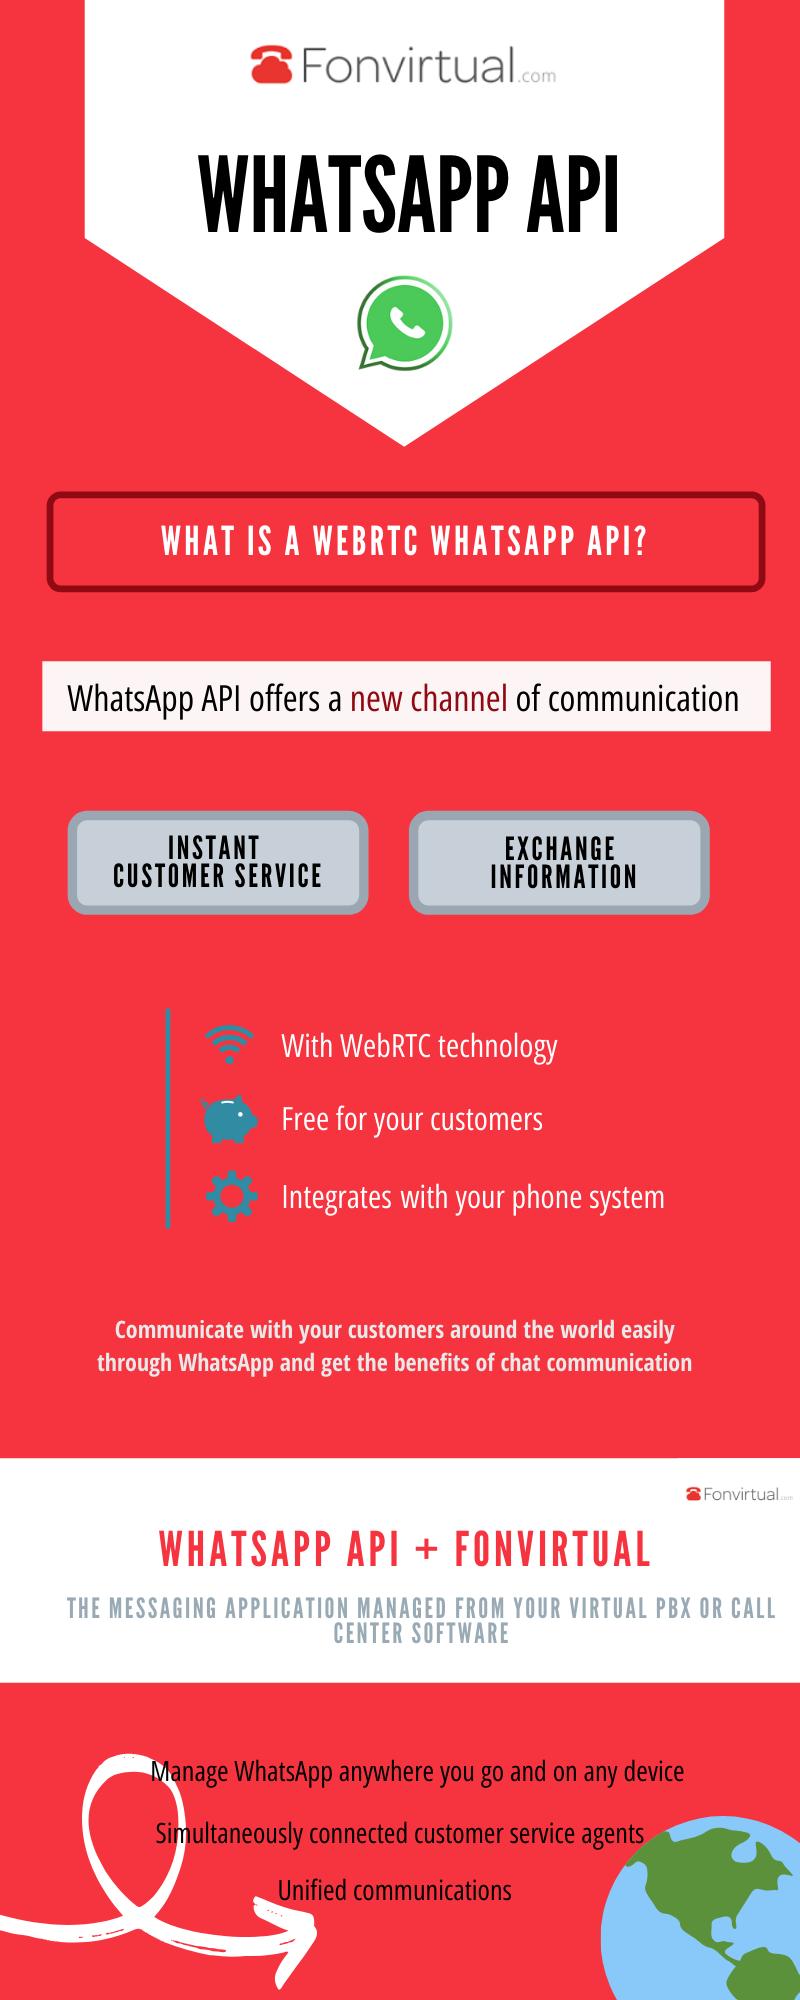 whatsapp-infographic-1